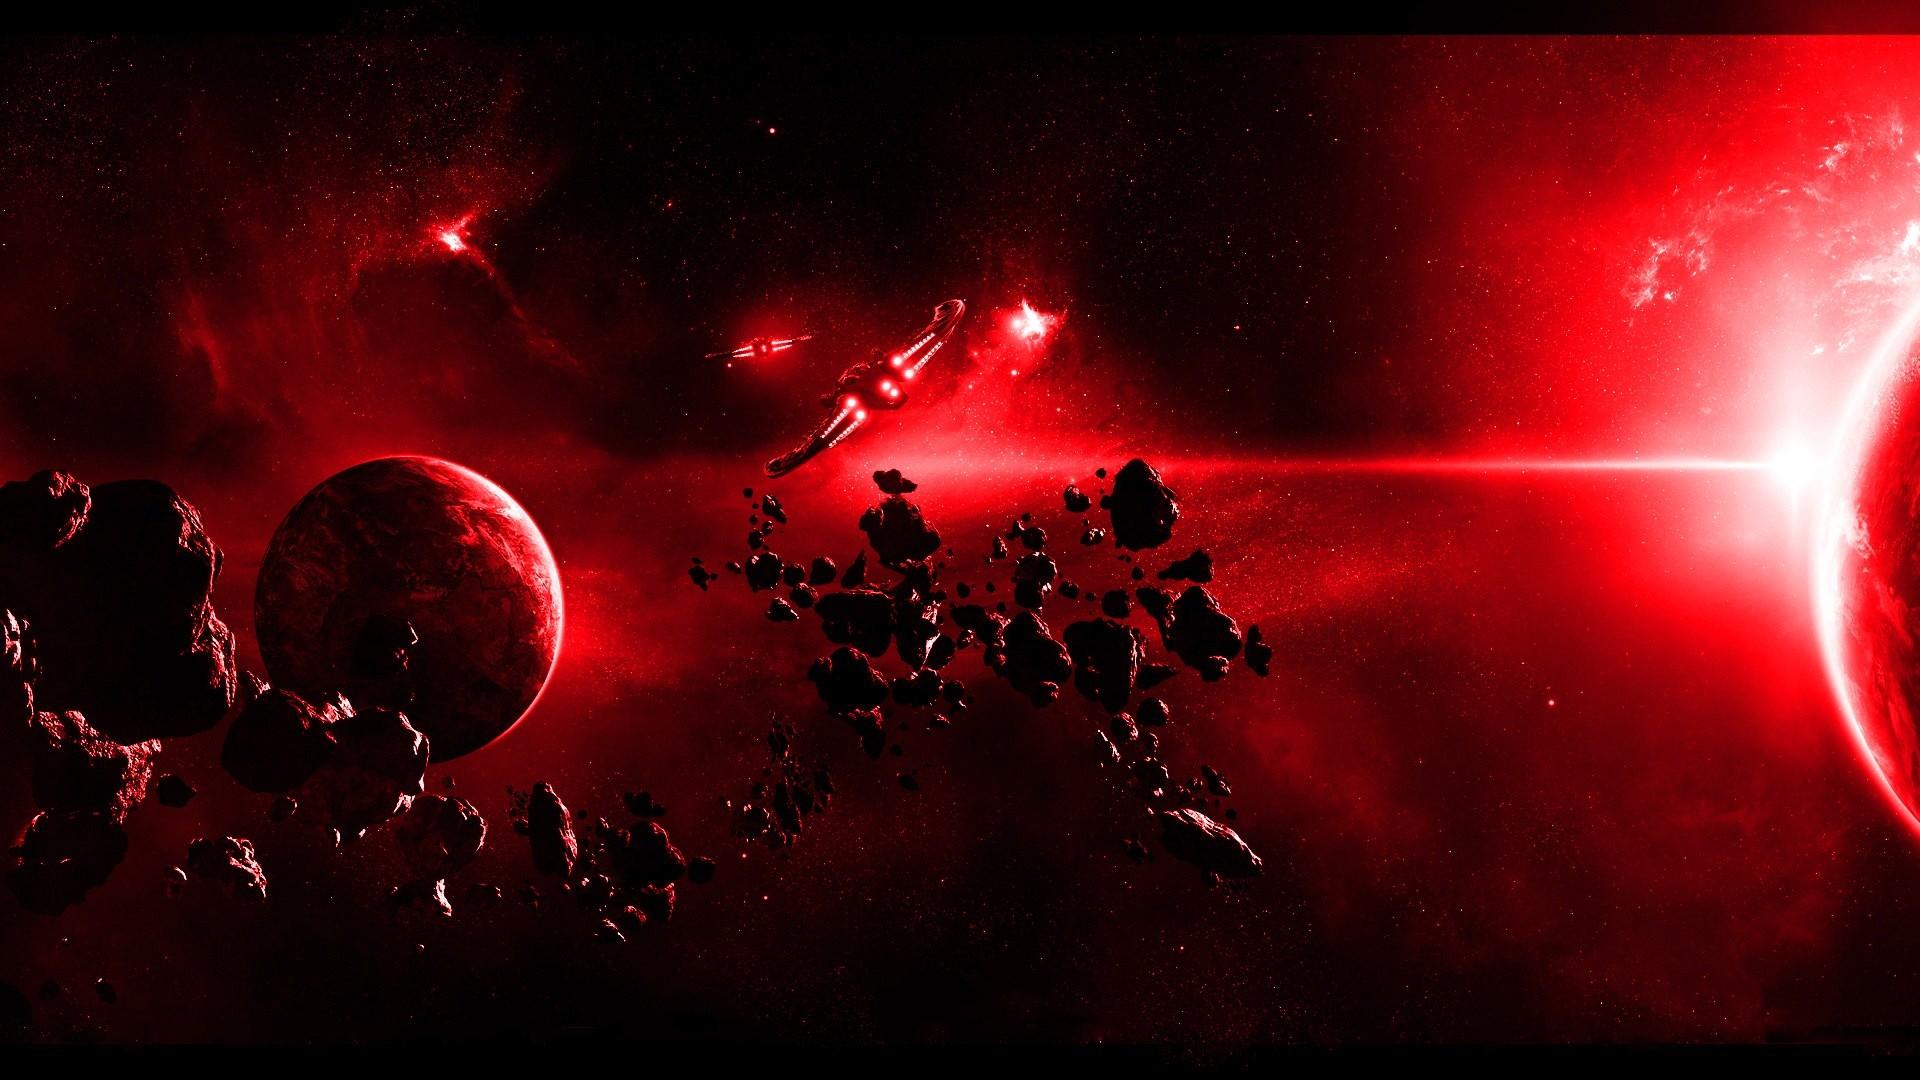 Red Desktop Background 75 Images